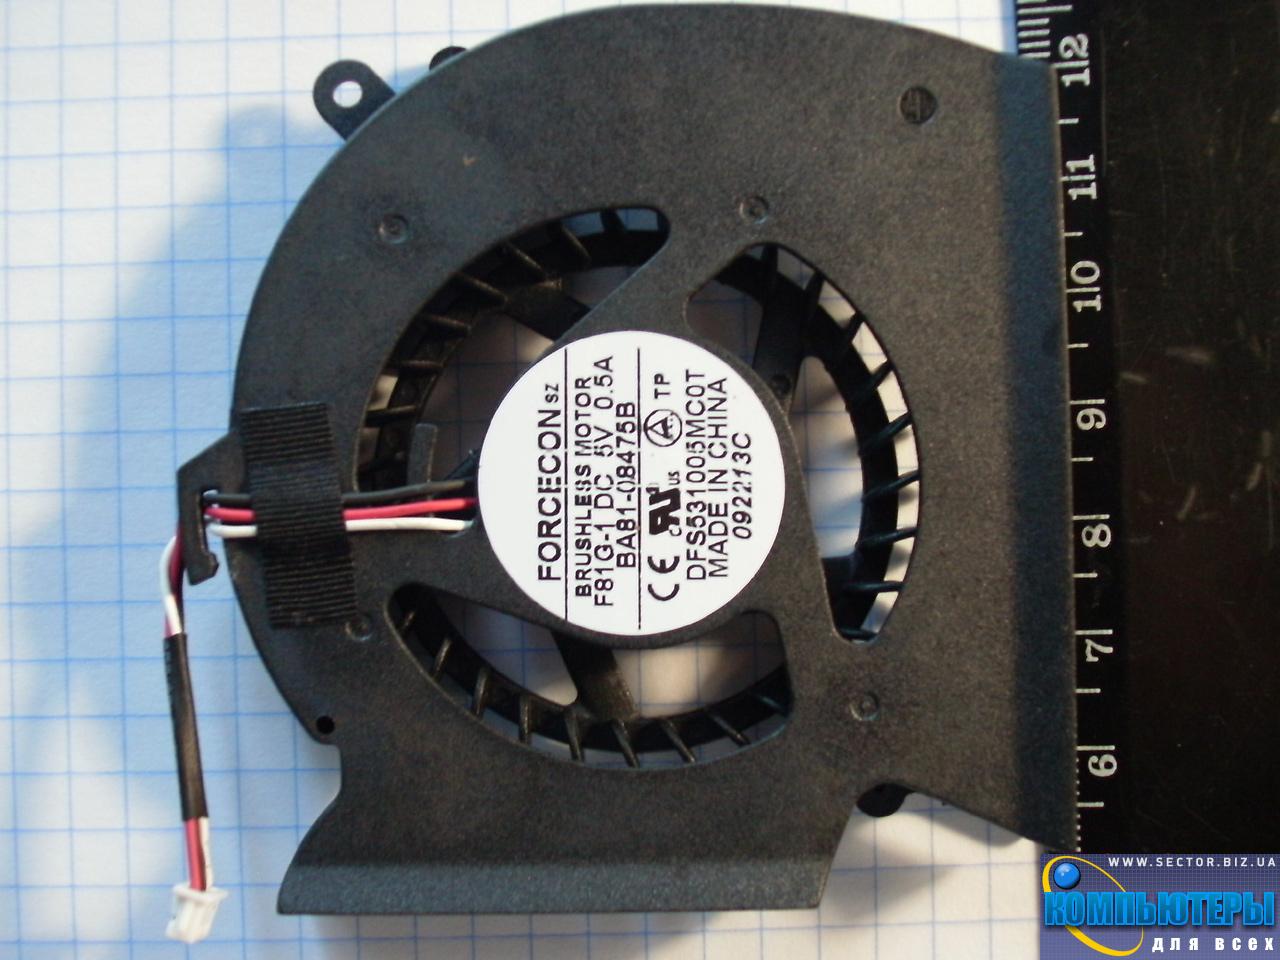 Кулер к ноутбуку Samsung R620 R580 RV508 RV510 p/n: DFS531005MC0T F81G-1. Фото № 5.